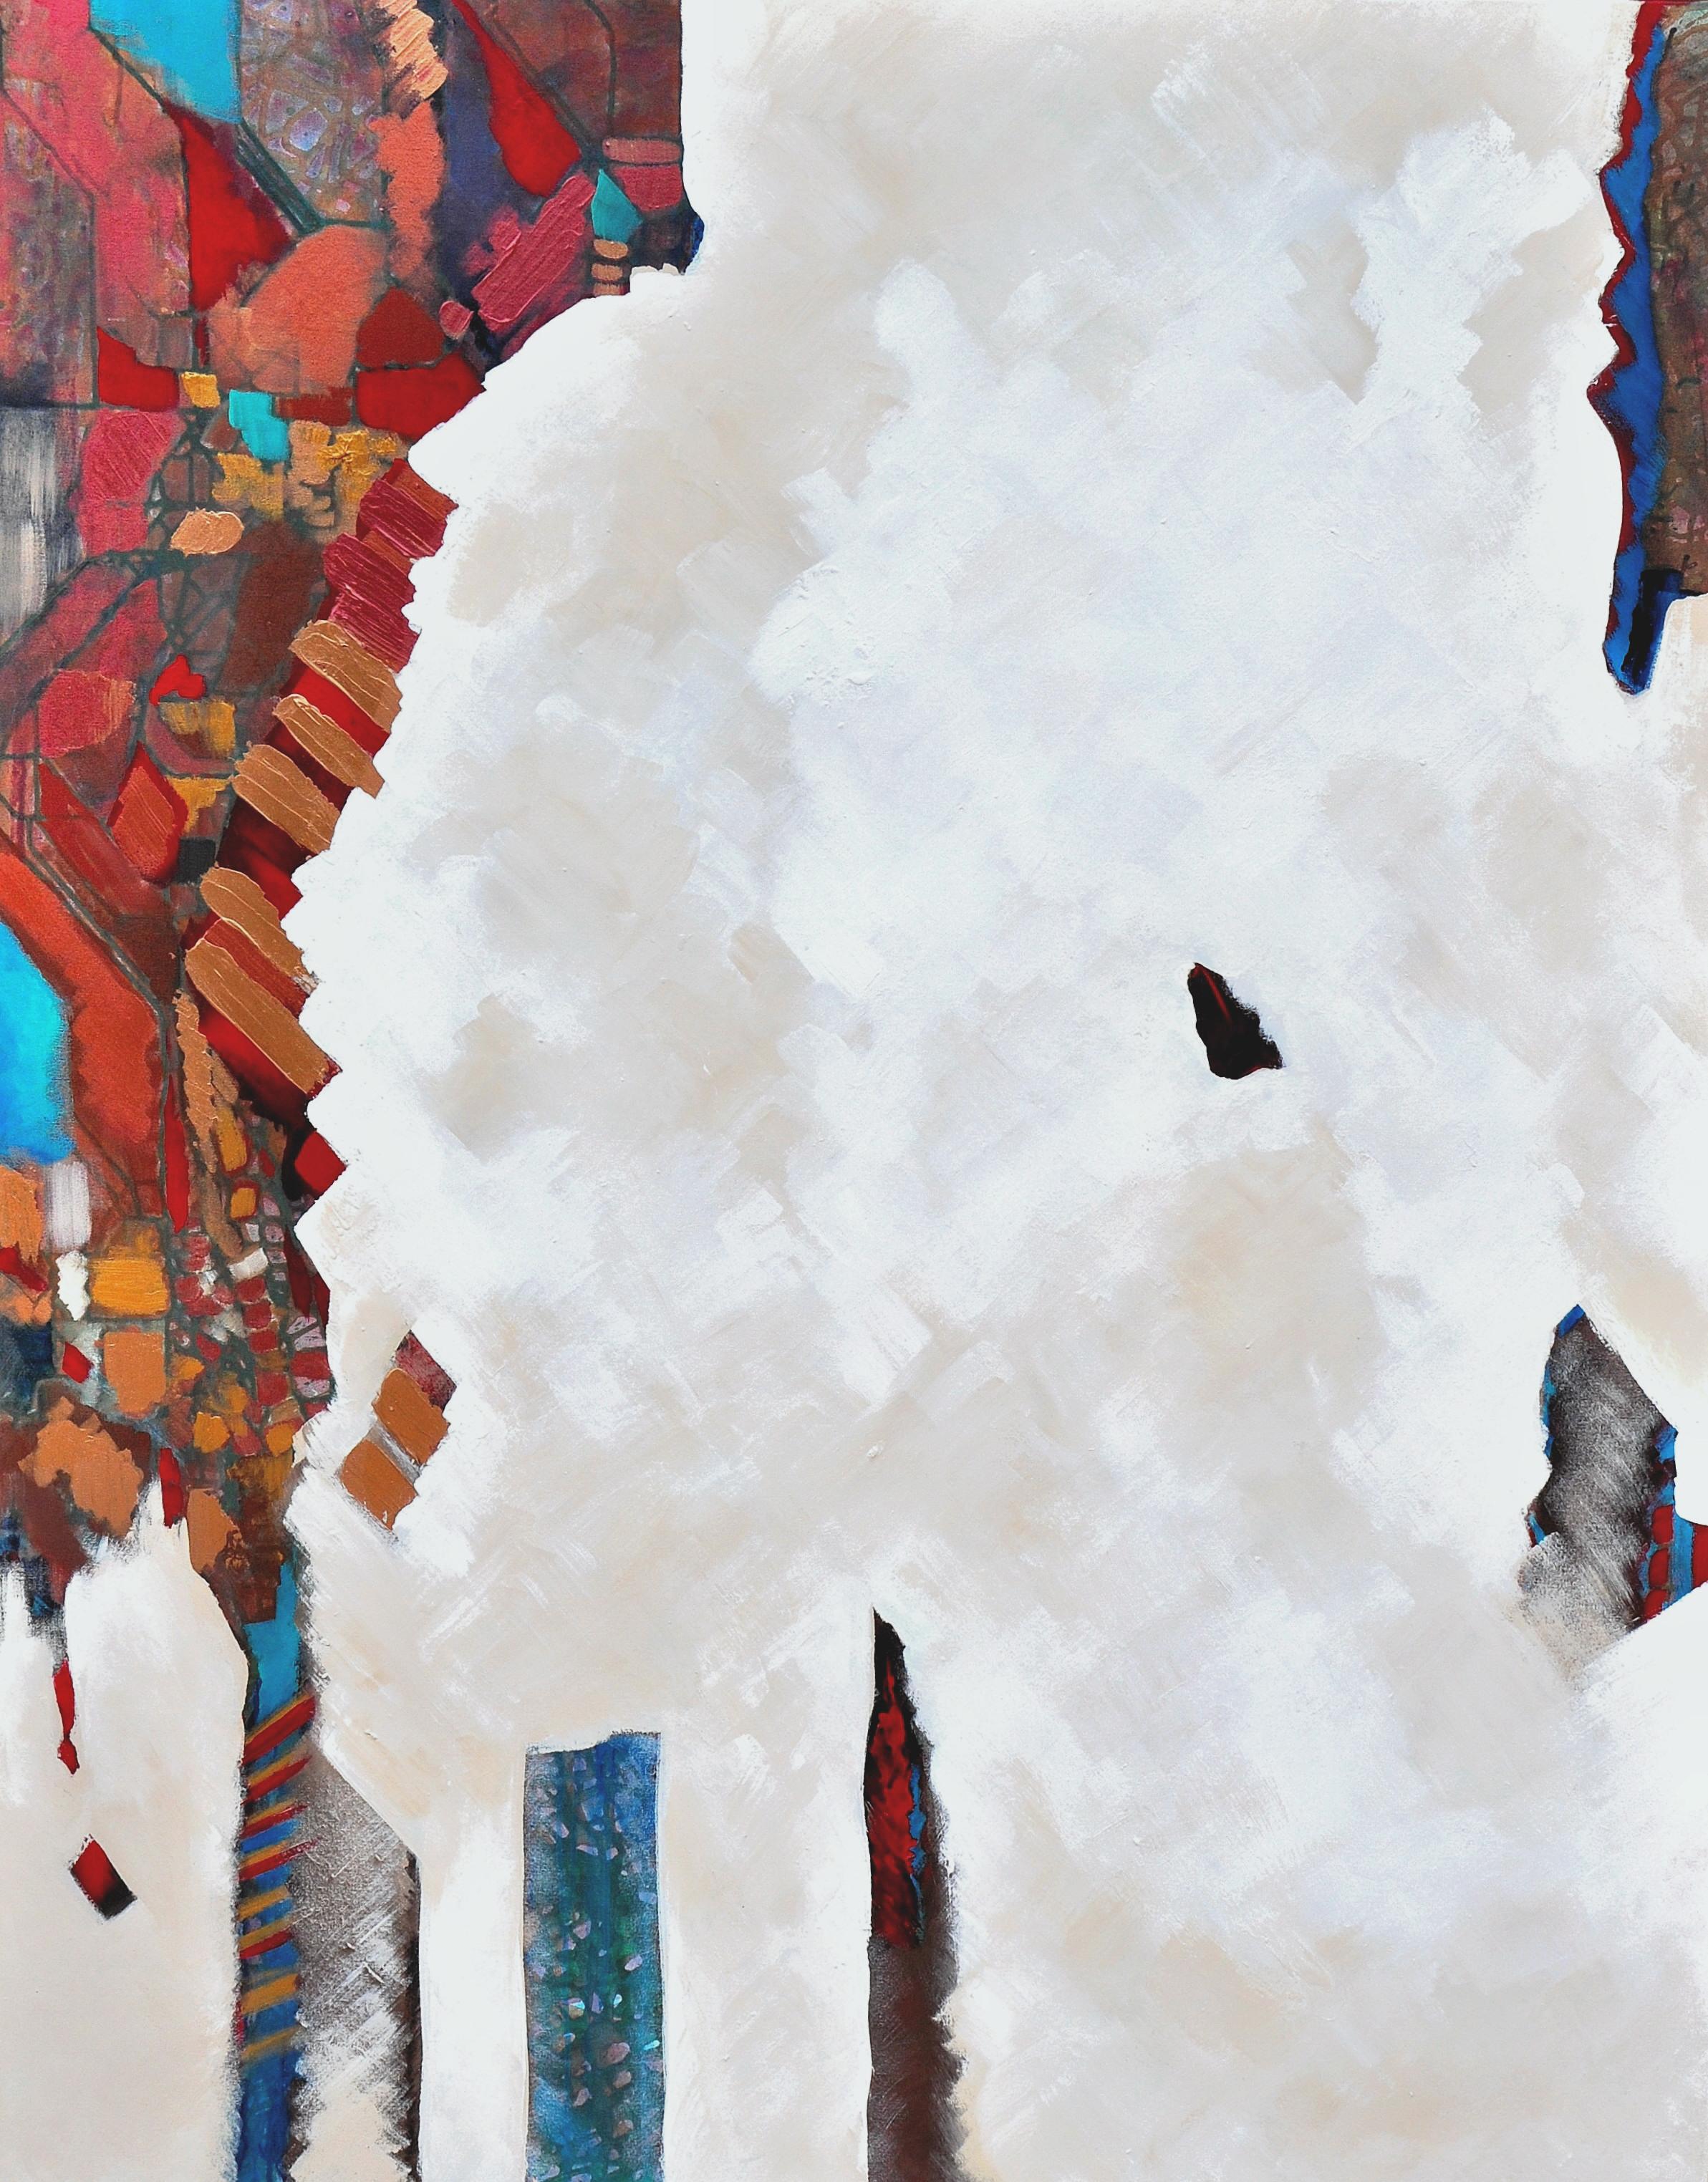 Sandstone 1, 5x4, 2014, Sold